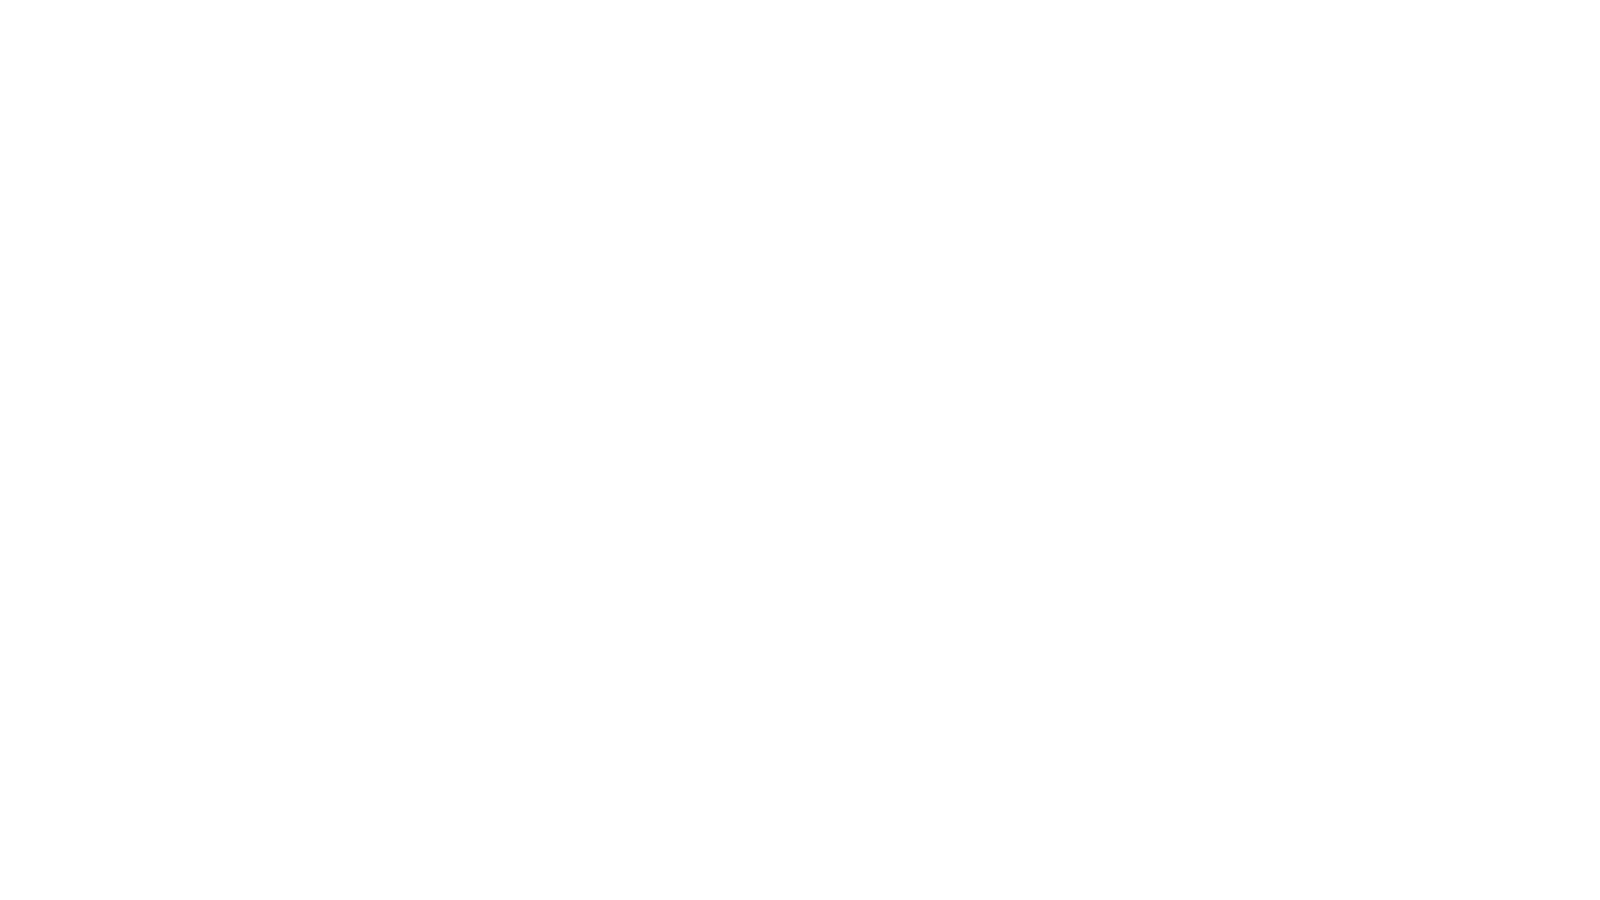 Előadó: Dávid Gyula (ELTE TTK, Fizikai Intézet):  Cím: A következő 137 kvintillió év  Időpont: 2021.09.09., 17:00 -  Kivonat:  Mélységes mély a múltnak kútja… de a jövő mélységei még sokkal szédítőbbek! Rengeteg szó esett már az ismeretterjesztő irodalomban és az Atomcsill előadásain is az Univerzum eddigi történetéről, amely a tudomány jelenlegi állása szerint 13,8 milliárd évet foglal magában a Nagy Bummtól az értelemig. De vajon mi lesz a Világegyetem sorsa a jövőben? Mi történik a Földdel, a Naprendszerrel, a galaxisokkal, kissé nagyobb léptékben nézve az Univerzumot alkotó anyagokkal a következő évmilliárdok, évbilliók, sőt kvintilliók alatt? Milyen csillagászati objektumok uralják majd távoli utódaink csillagoktól mentes égboltját? Mit tud erről mondani a modern természettudomány, és vajon mennyivel vehető ez az előrejelzés komolyabban az ókori augurok és a vásári javasasszonyok jóslatainál? A tudomány több lehetséges forgatókönyvet vázolt fel, az előadásban áttekintjük ezeket, majd megpróbáljuk kiválasztani a pillanatnyilag legvalószínűbbnek tűnő szcenáriót. És persze felmerül a Nagy Kérdés is: mi lesz ebben az eónok múltával számunkra egyre idegenebbé váló Világegyetemben az anyag legszebb és legtörékenyebb alkotásával, az Értelemmel?  További információ: http://atomcsill.elte.hu/NEW/events/a-kovetkezo-137-kvintillio-ev/